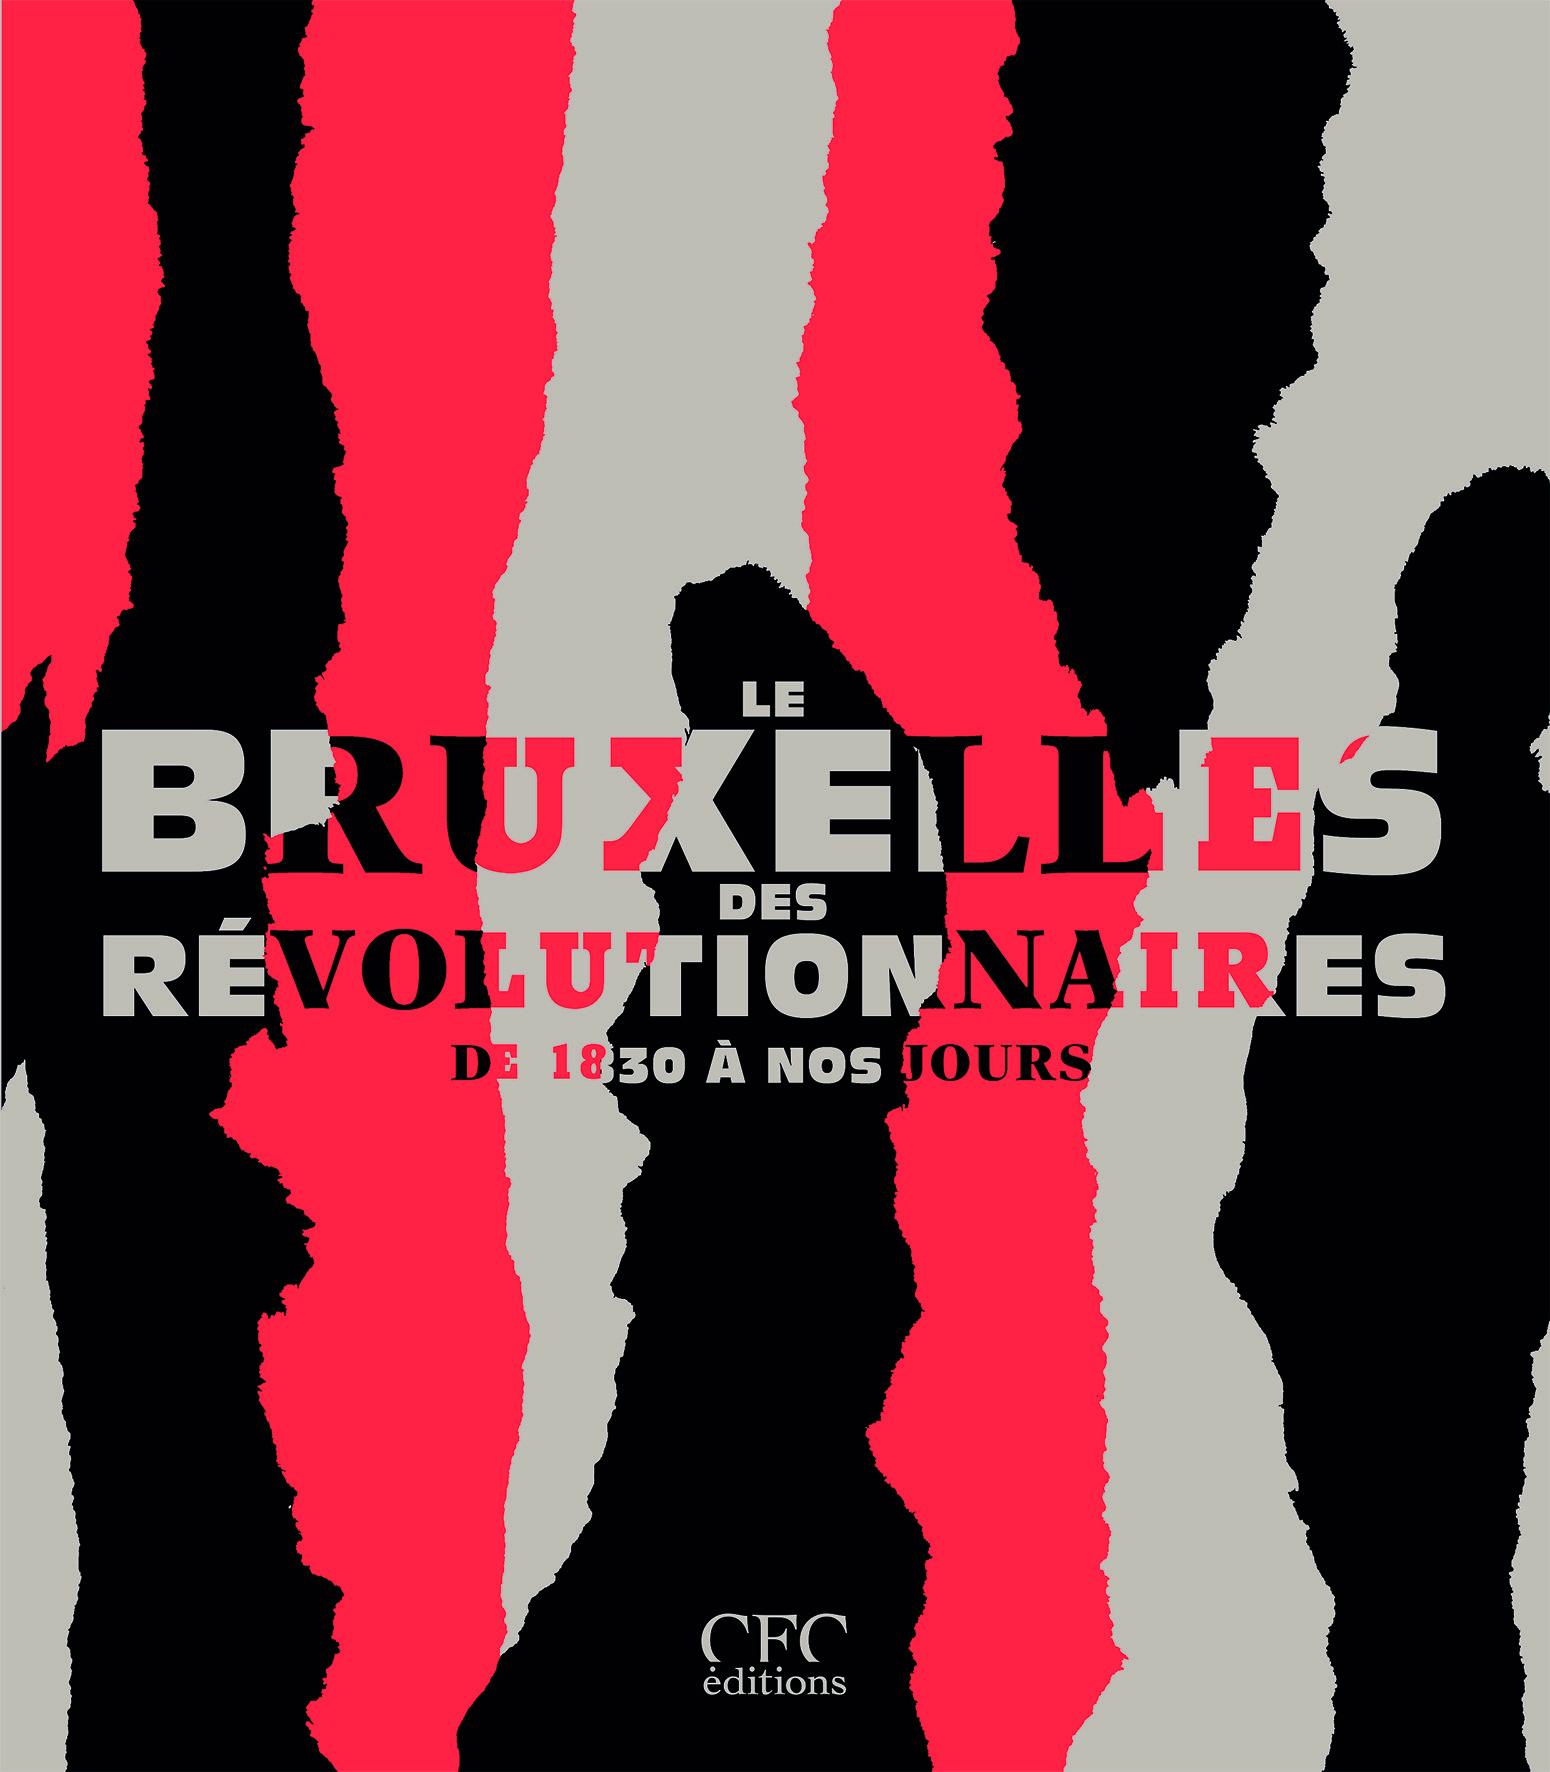 CFC-BXL_Revolutionnaires_Cover_V01indd.indd